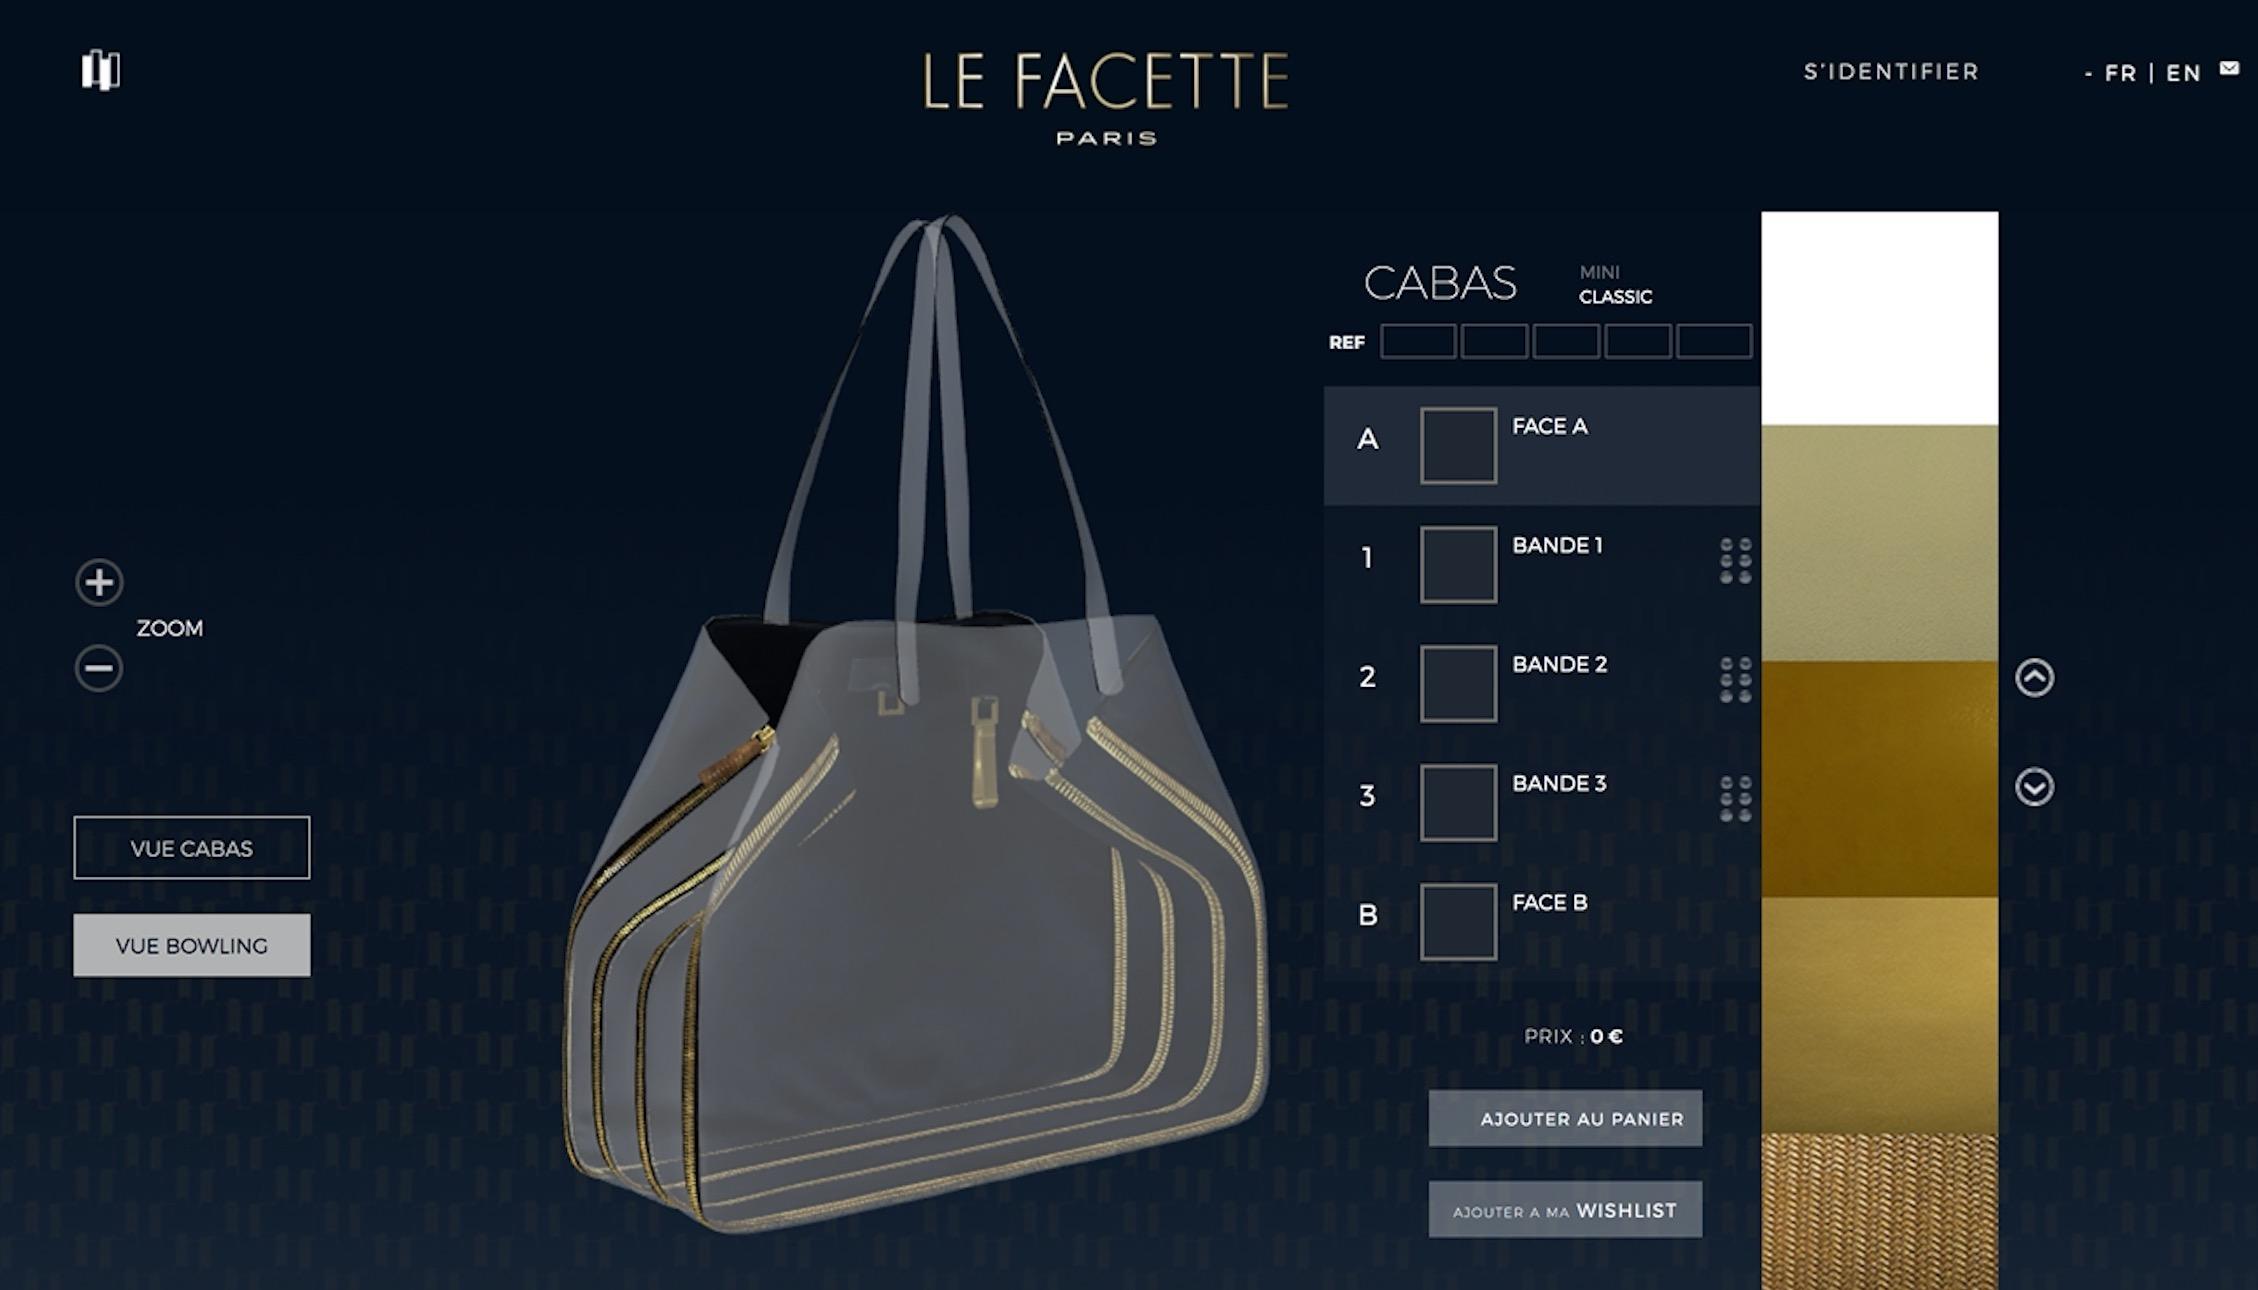 configurateur 3D LeFacette